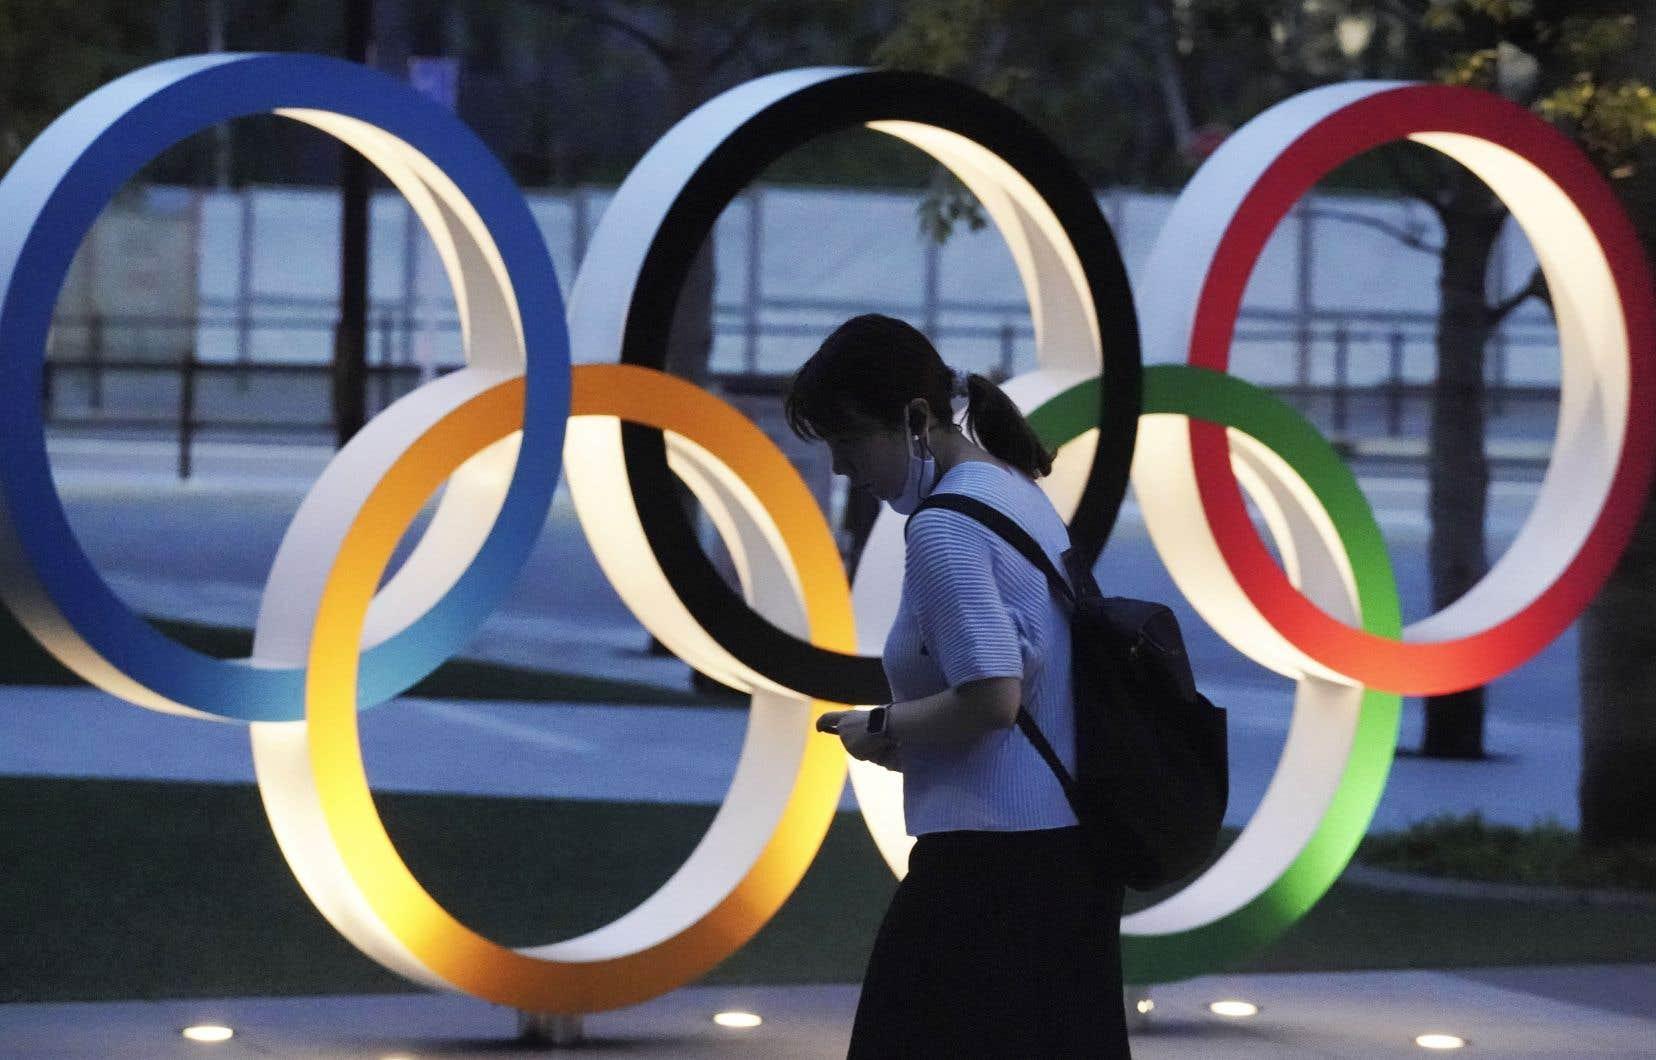 Le processus de qualification olympique est toujours un moment cruel chargé d'émotions pour les athlètes d'élite.Aux derniers Jeux d'été à Rio, l'équipe canadienne comptait 54 Québécois sur un total de 314 athlètes.